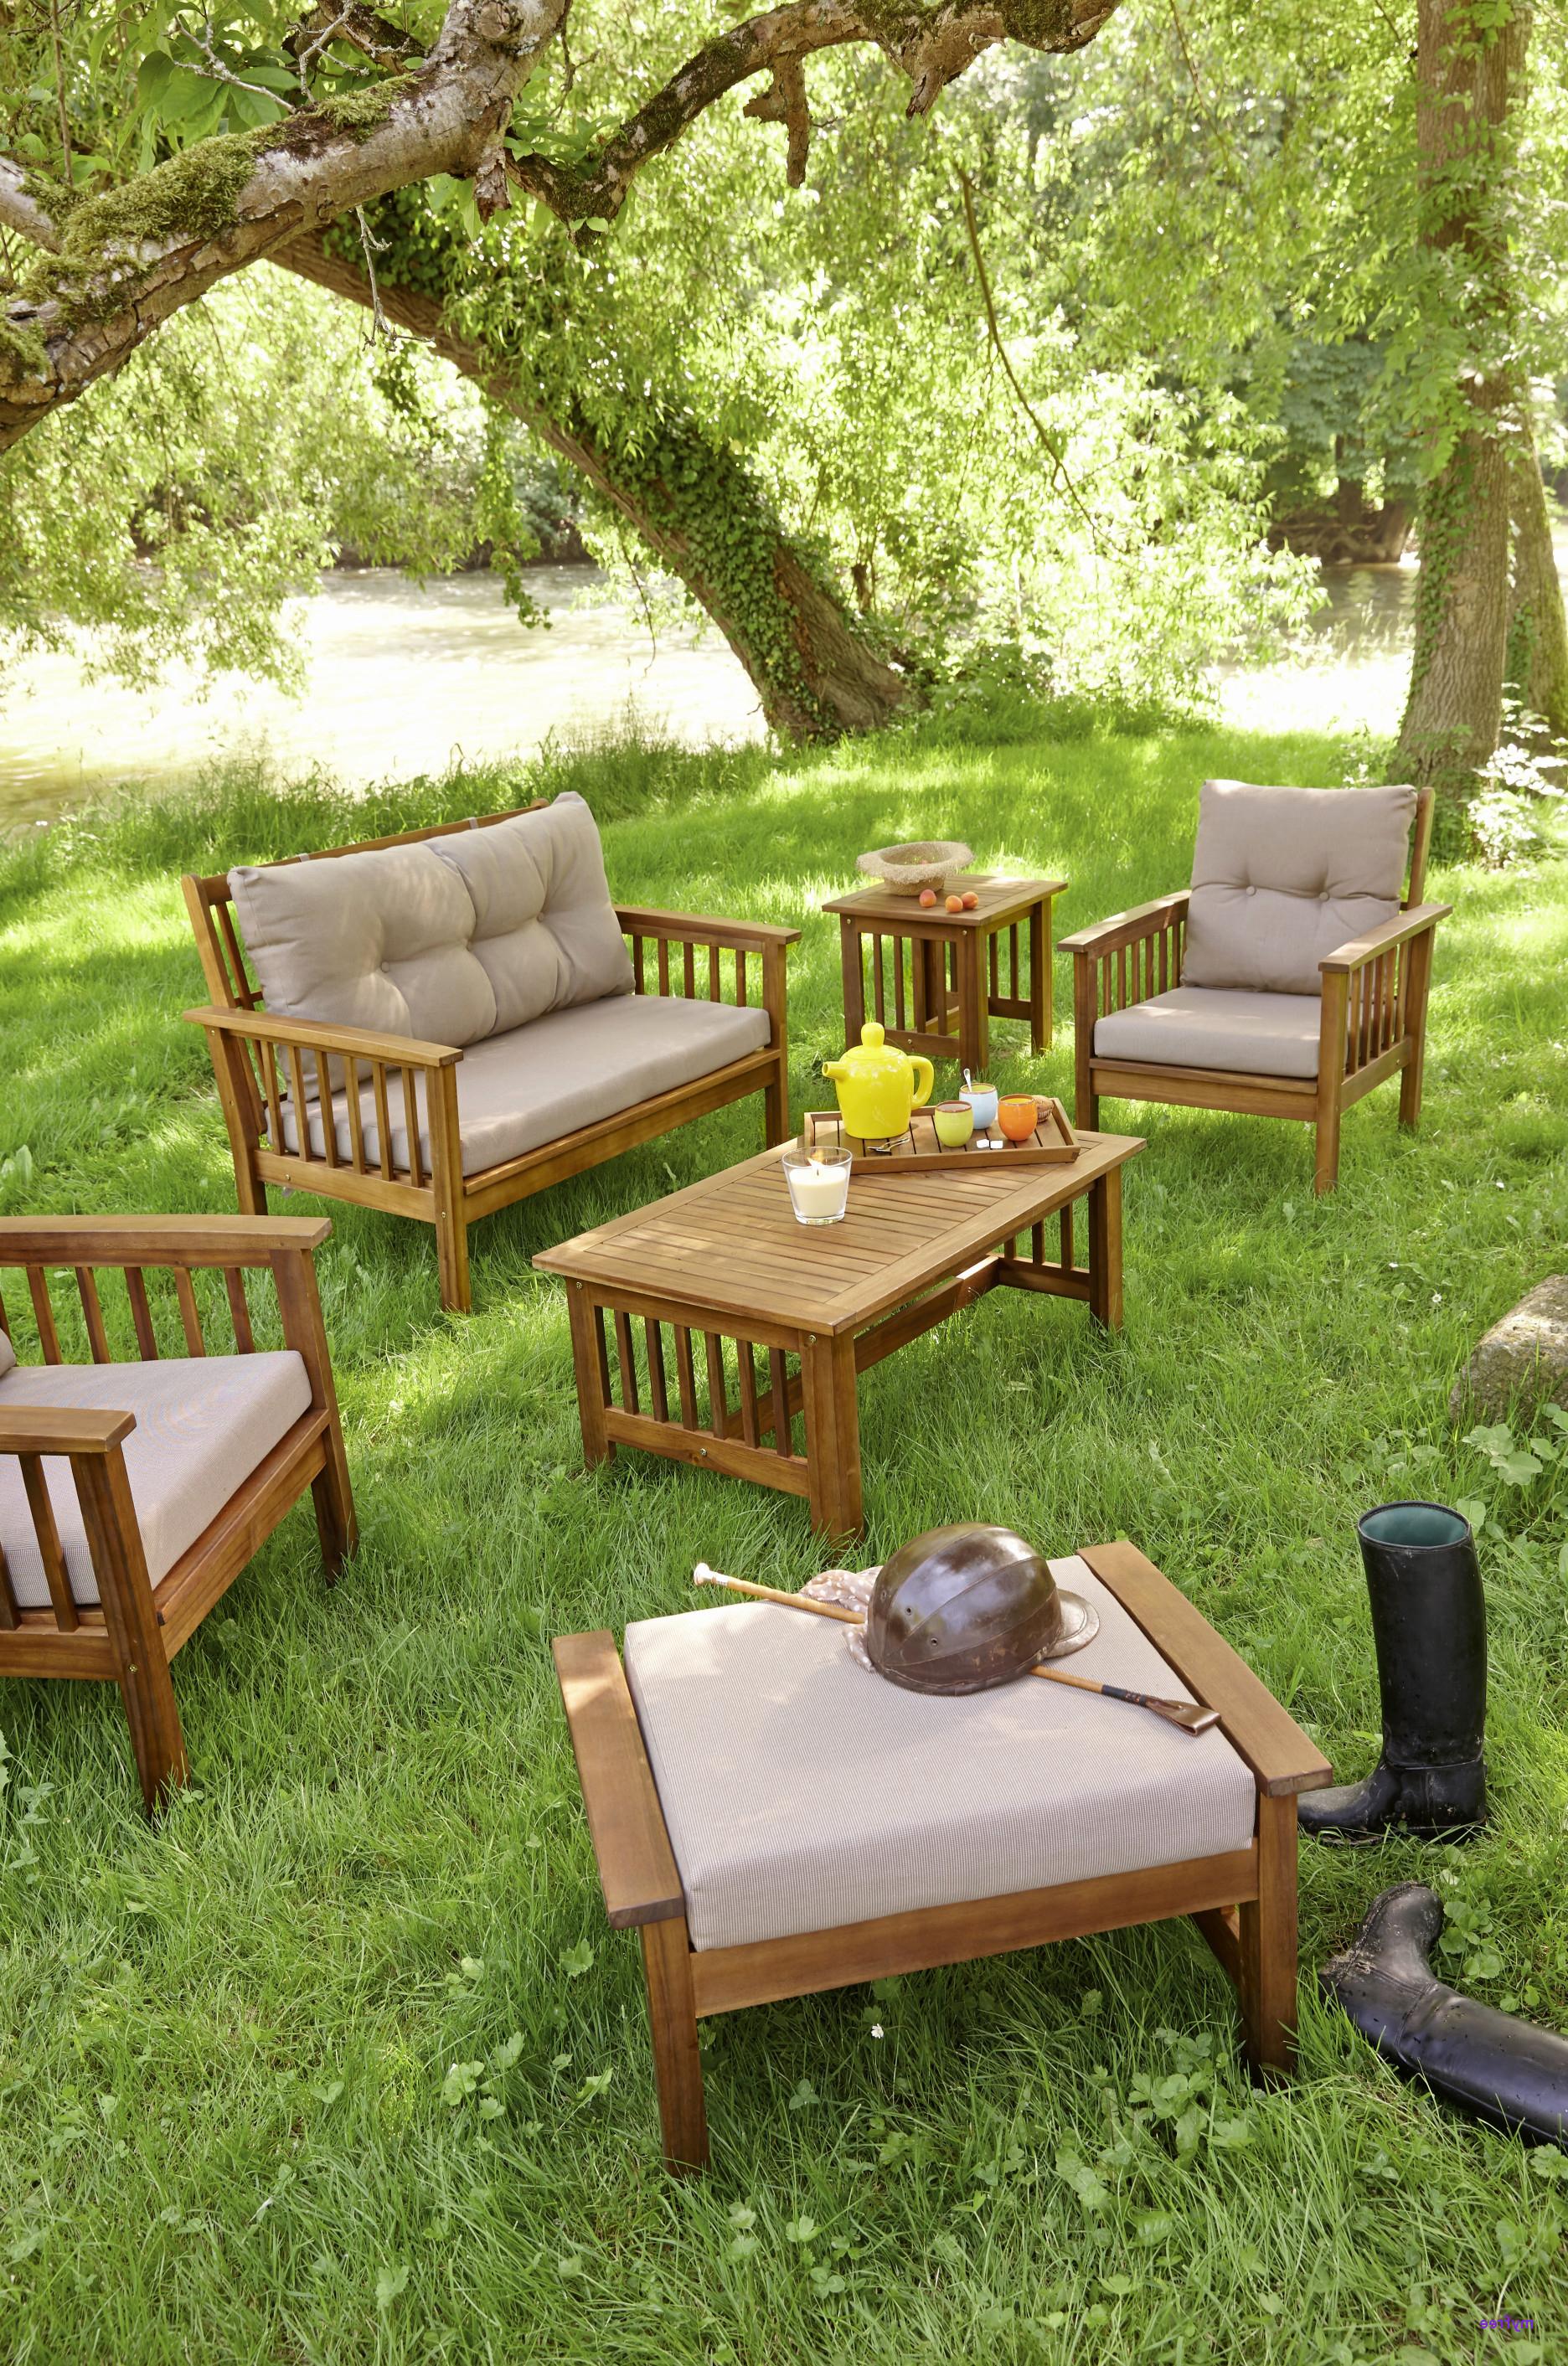 Mesas Jardin Carrefour Gdd0 à Là Gant Salon De Jardin Riverside à Mesa Y Silla Infantil Carrefour